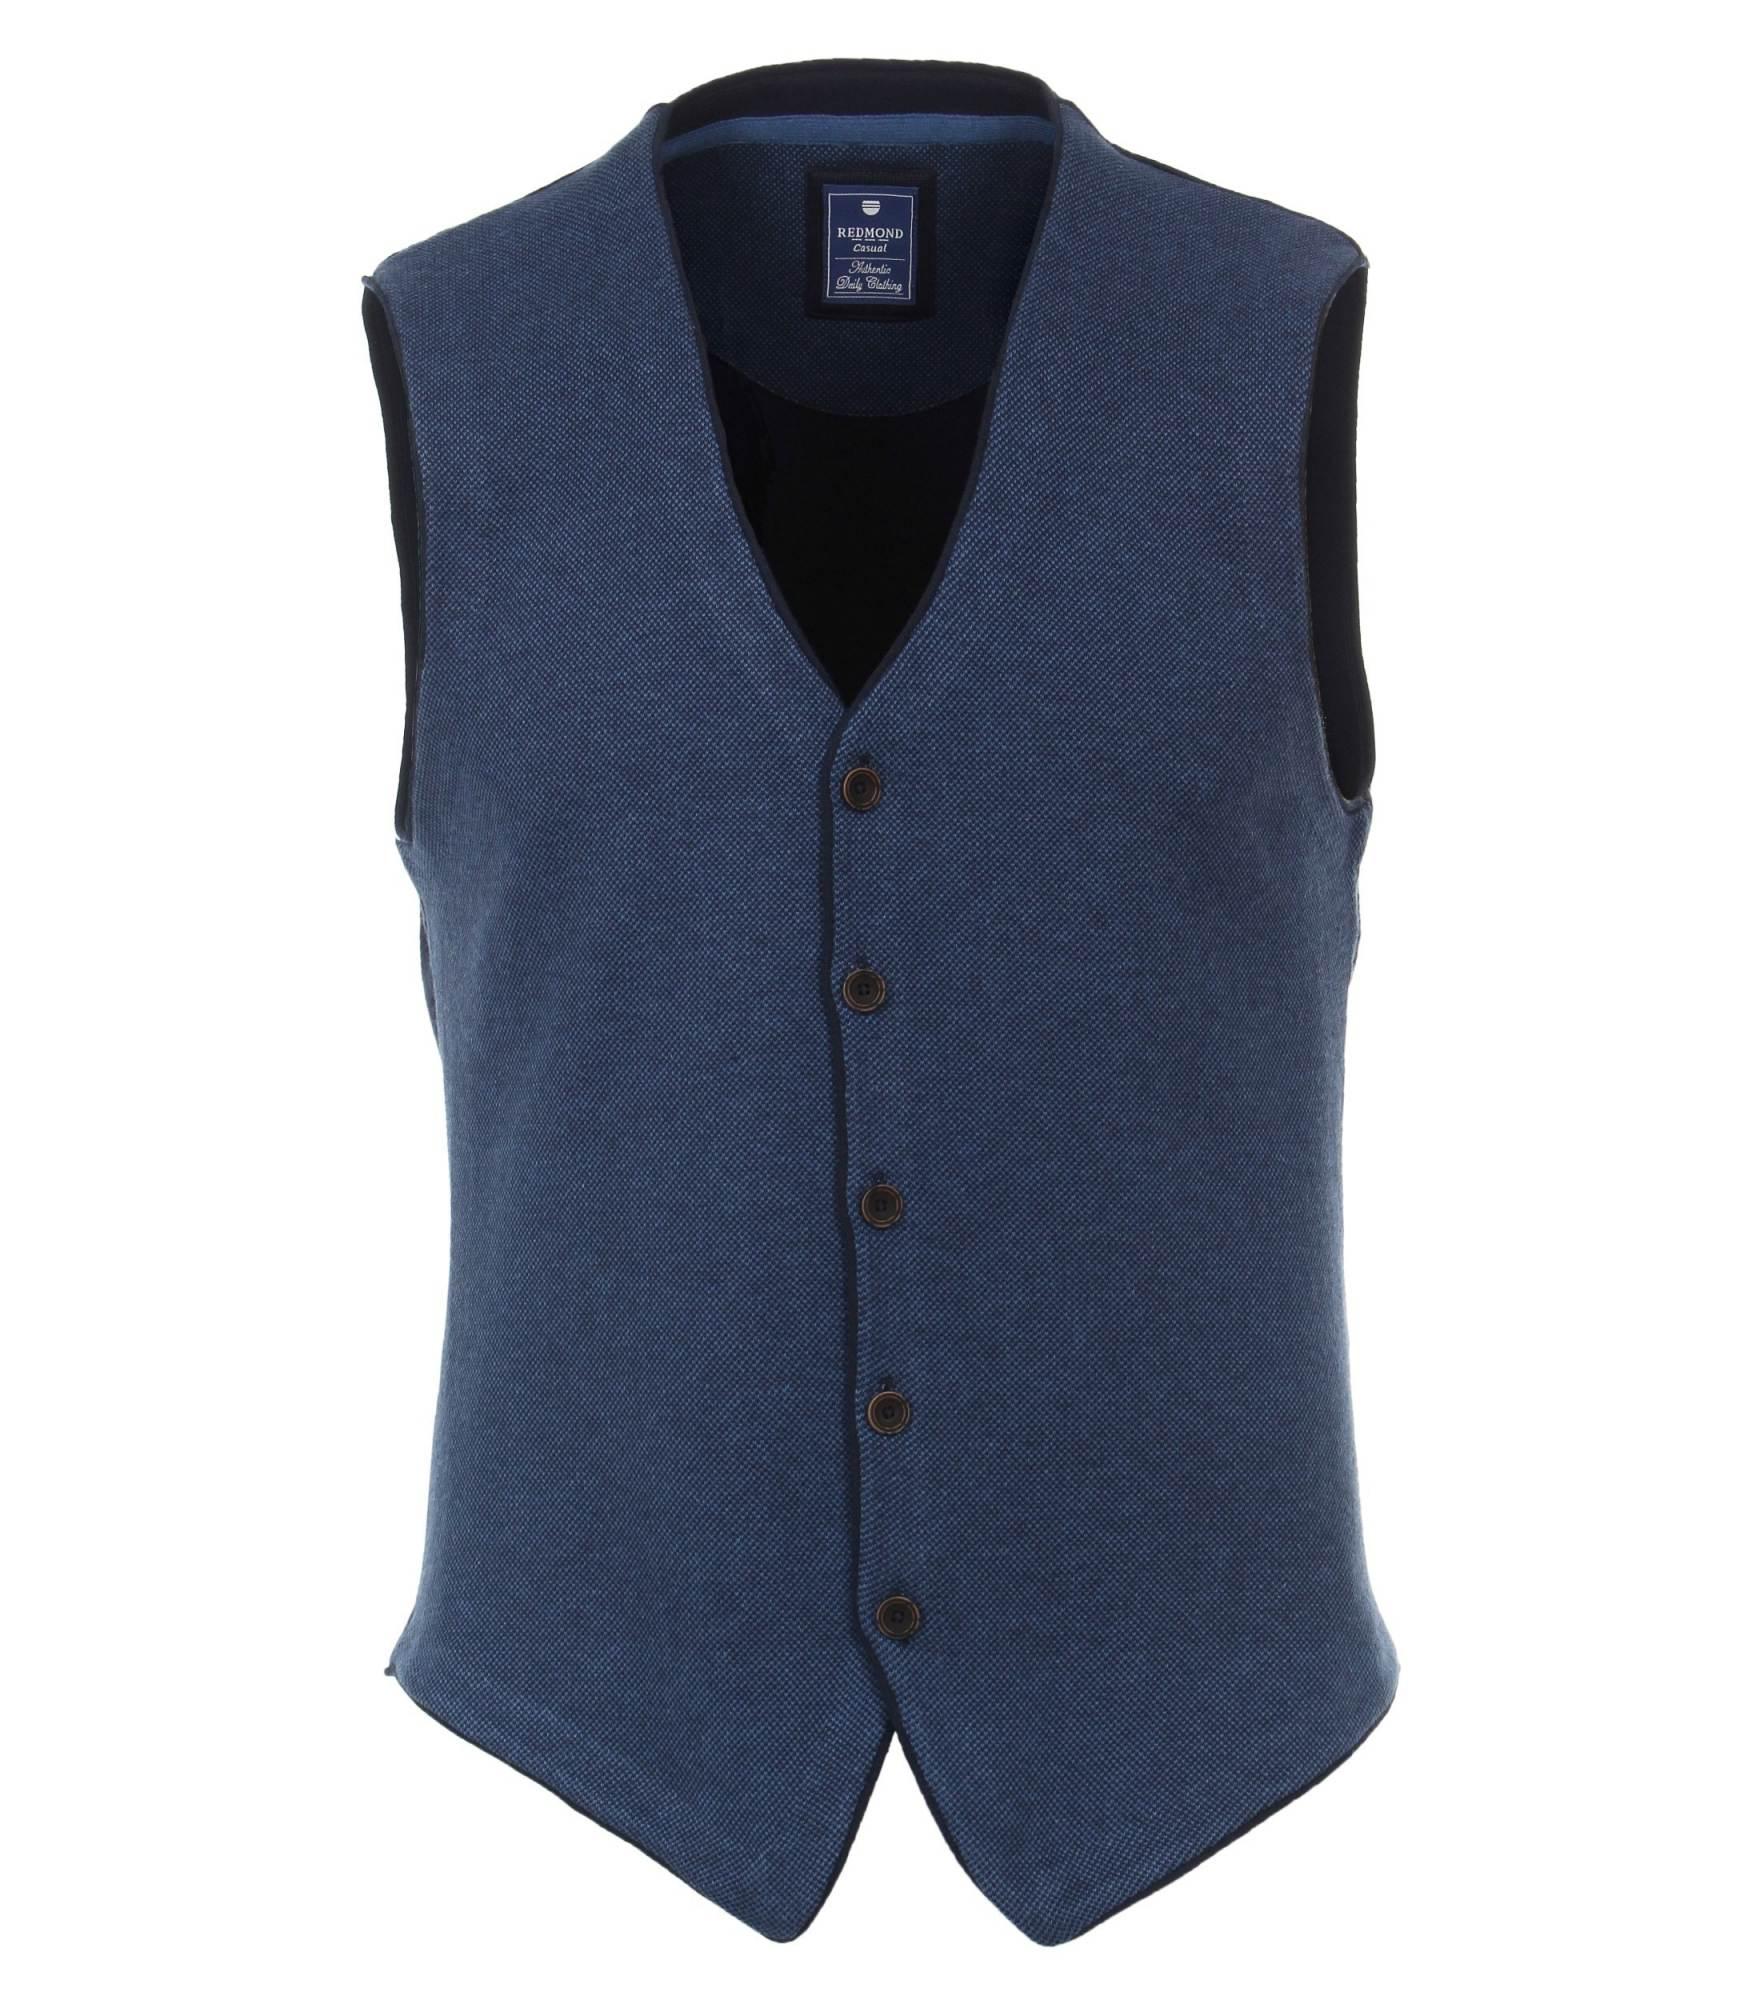 211815601 10 Blue - - Con Murphys Menswear